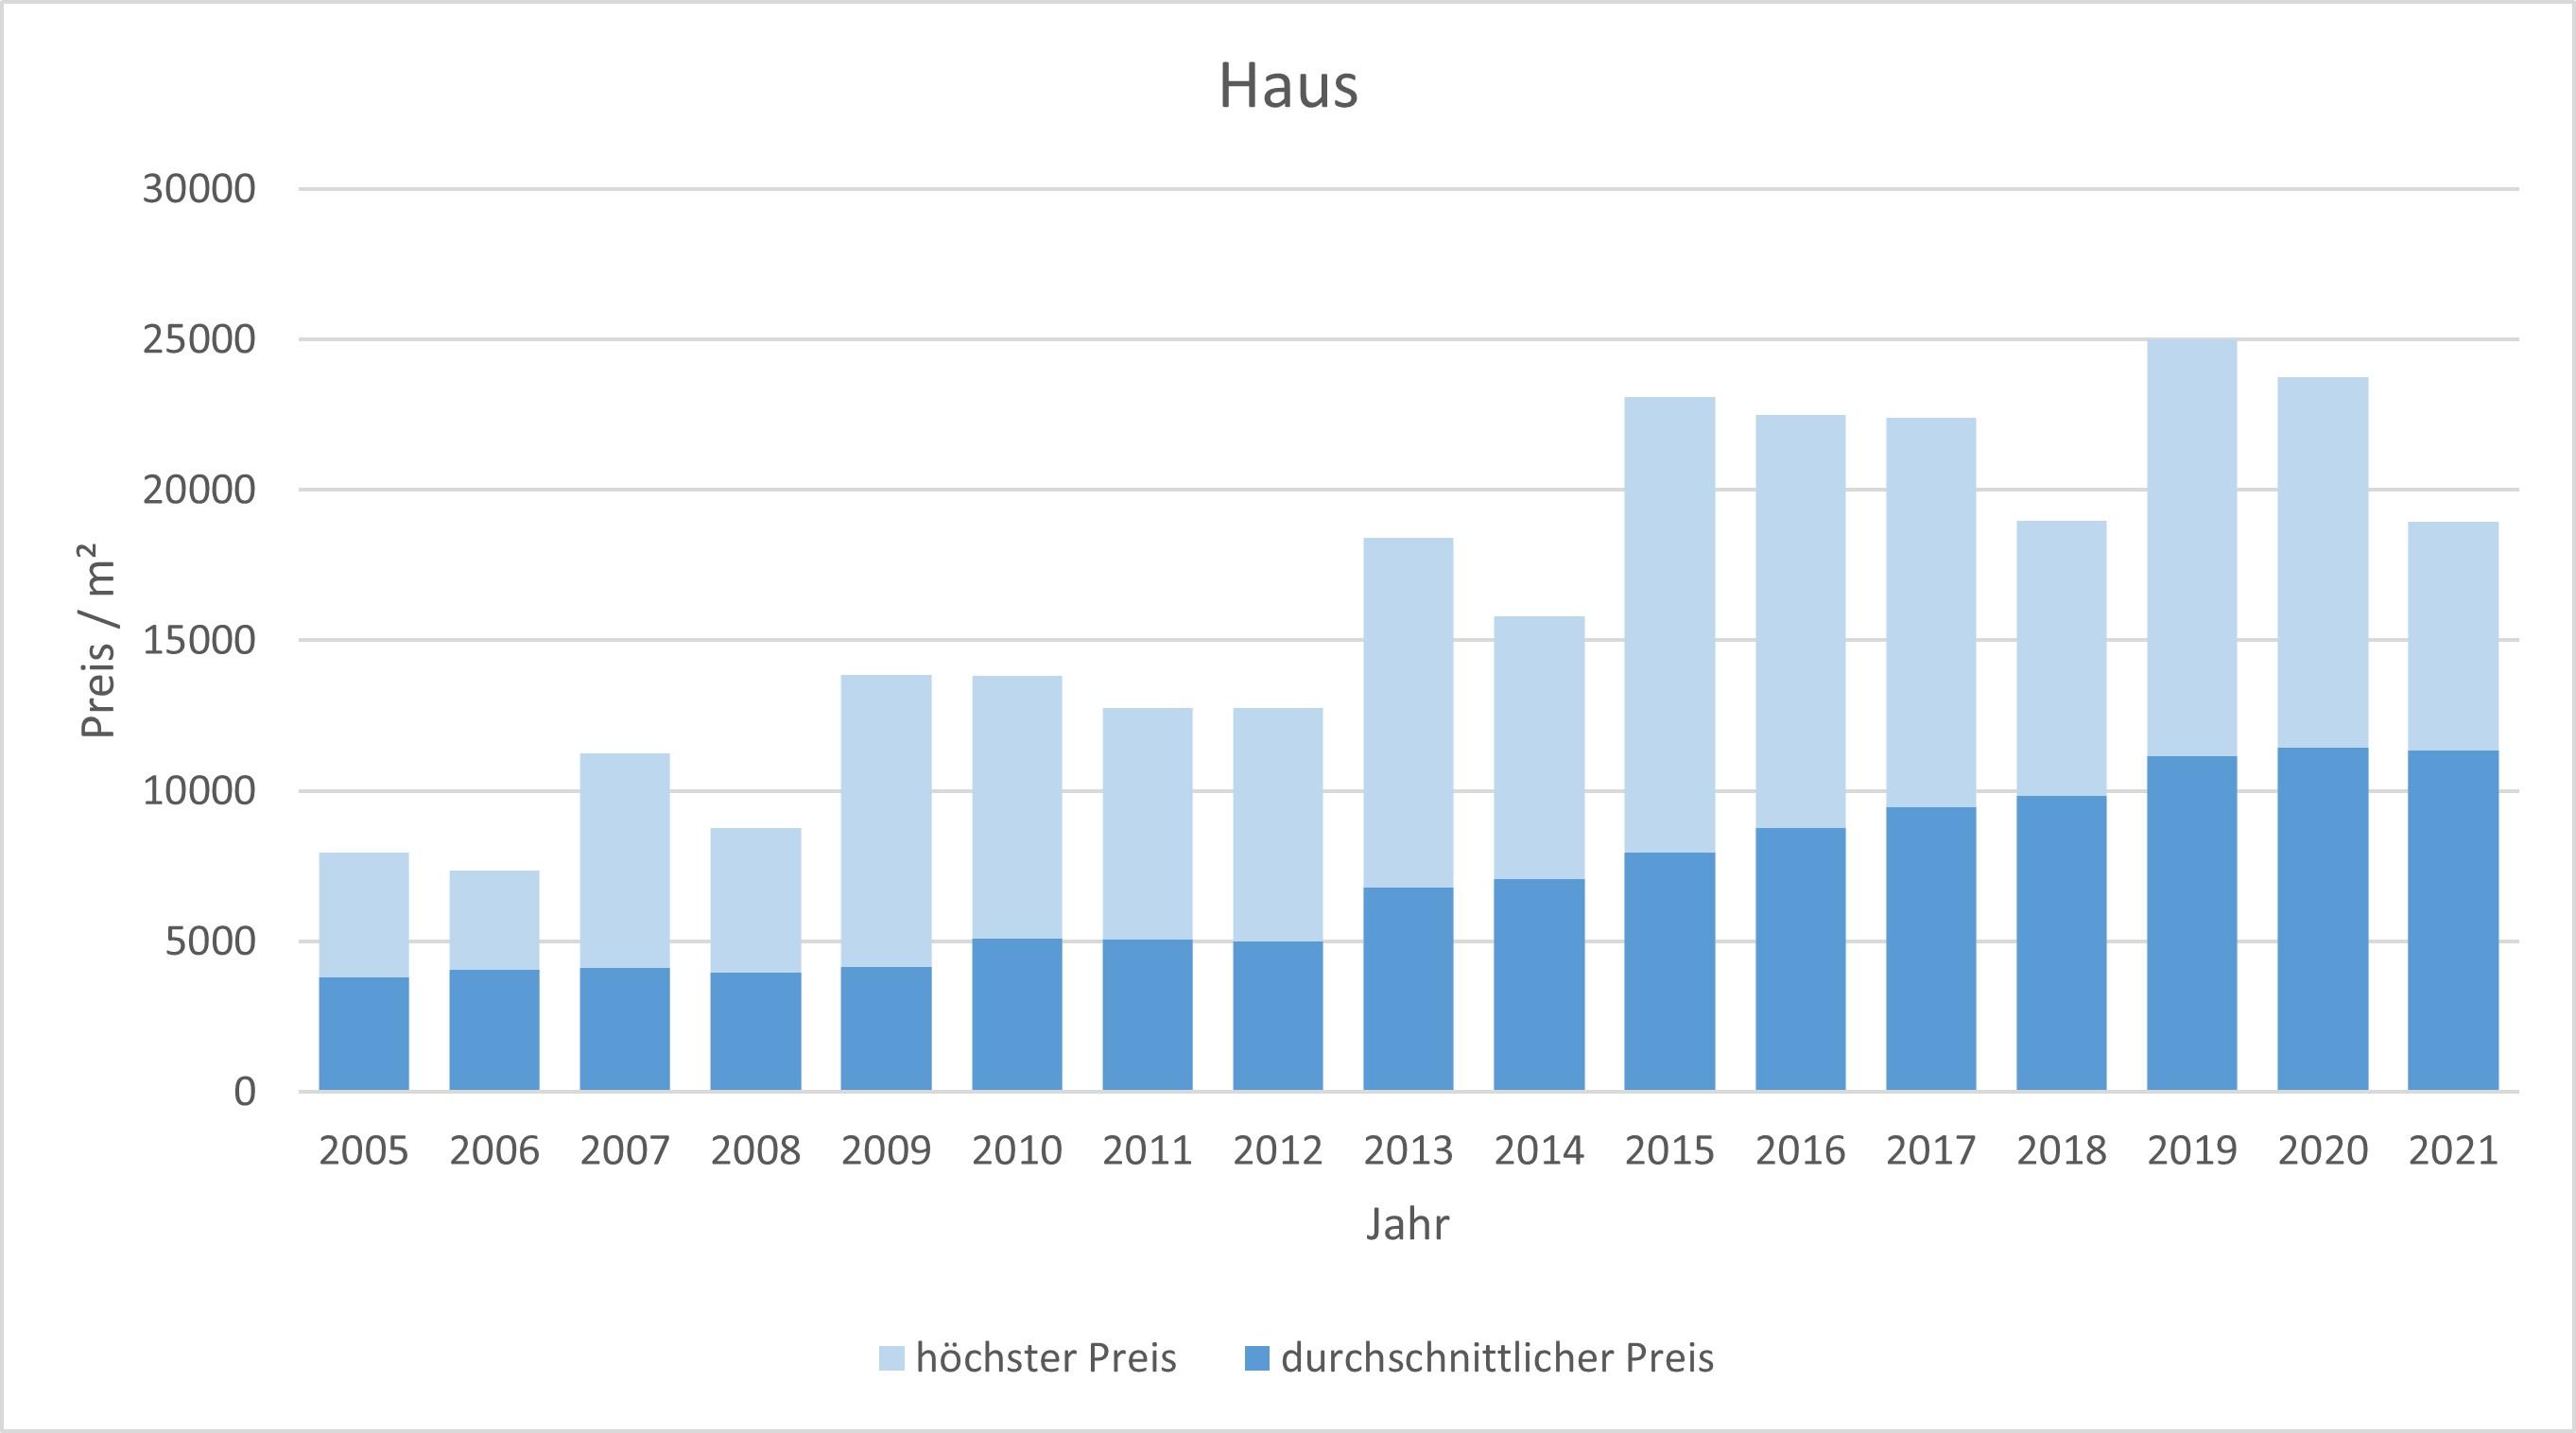 Rottach-Egern Haus  kaufen verkaufen Preis Bewertung Makler www.happy-immo.de 2019 2020 2021